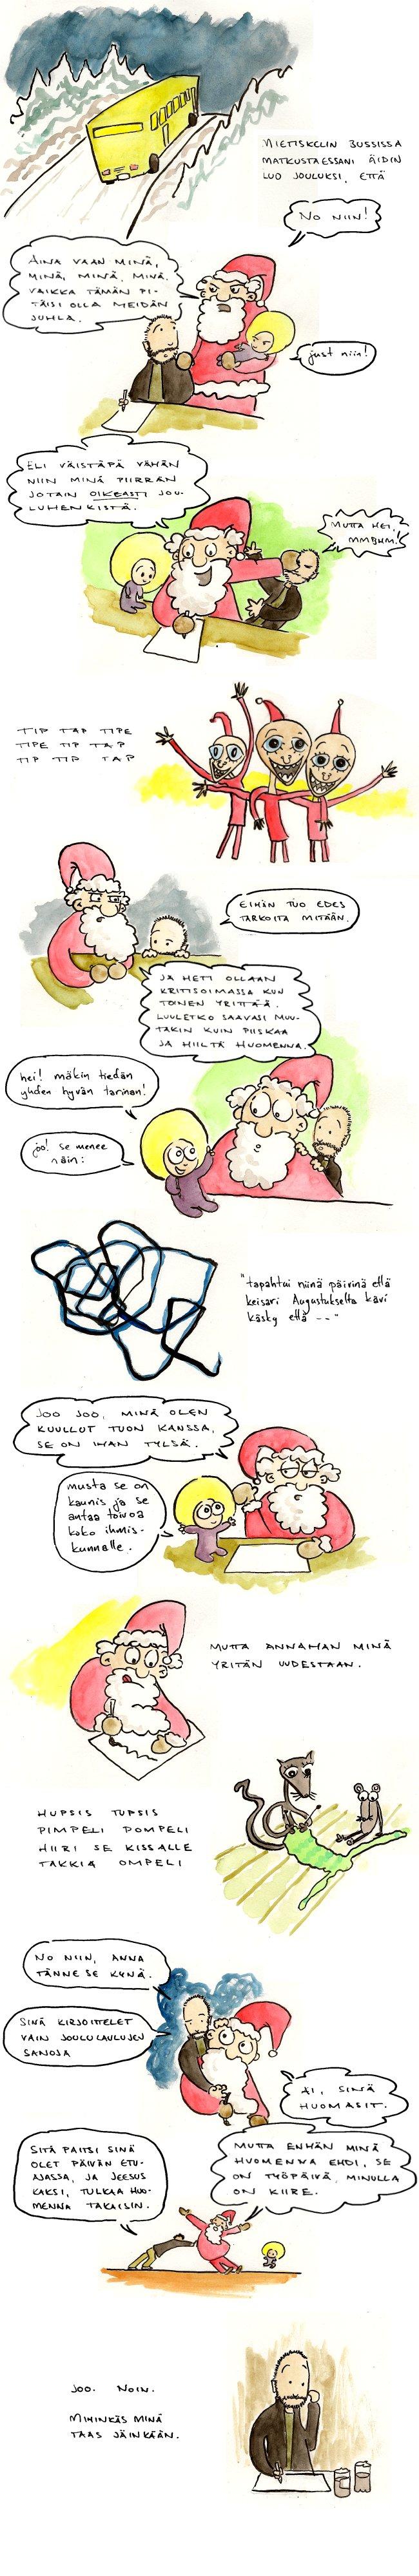 Joulukalenteri – Aaton aatto